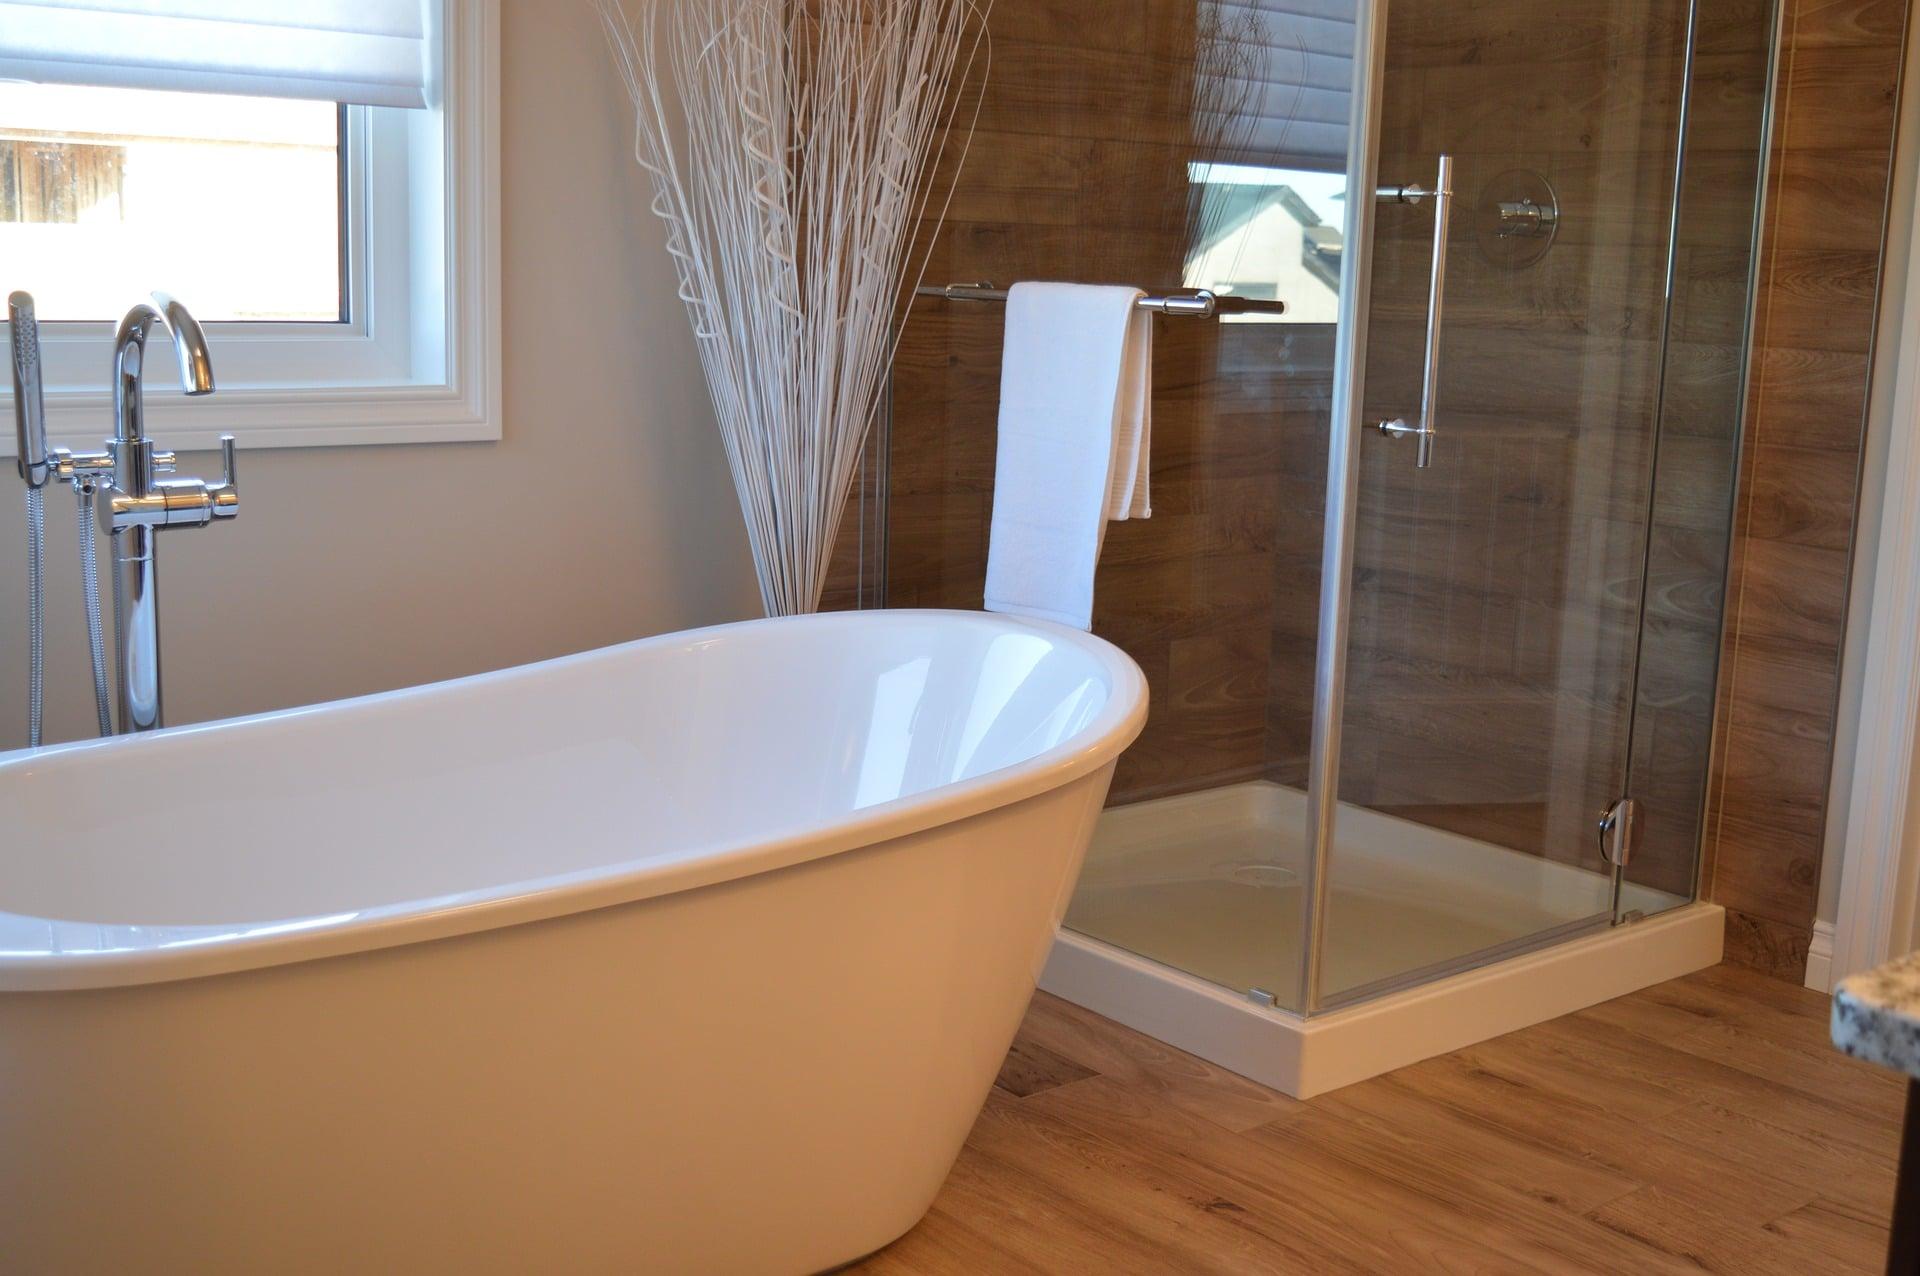 Faszinierend Badezimmer Badewanne Beste Wahl Oder Dusche?